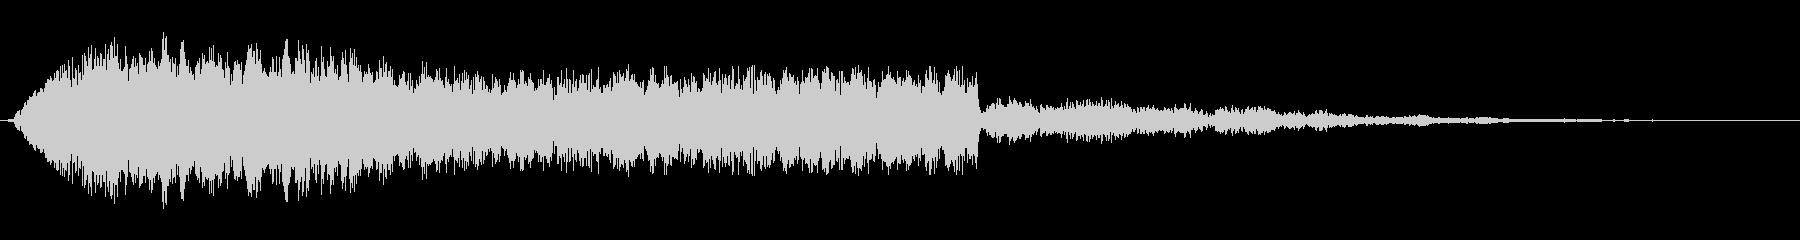 シンセサイザーのオープニングテーマ曲の未再生の波形